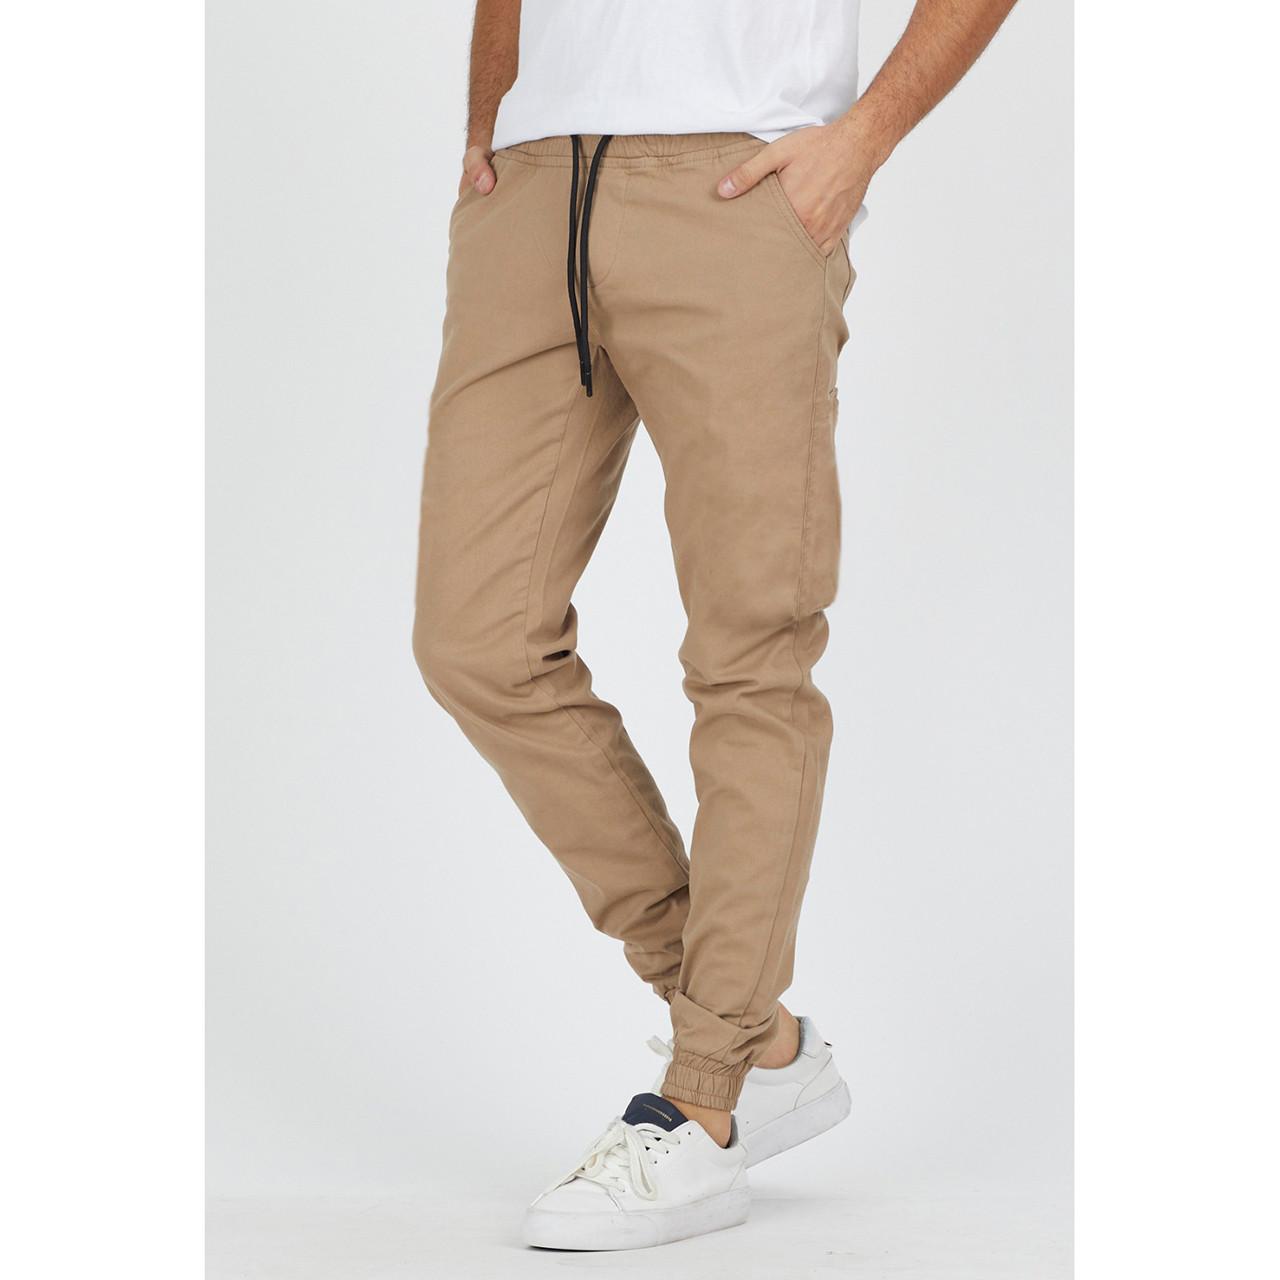 Джоггеры мужские подростковые бежевые хлопковые стильные брюки